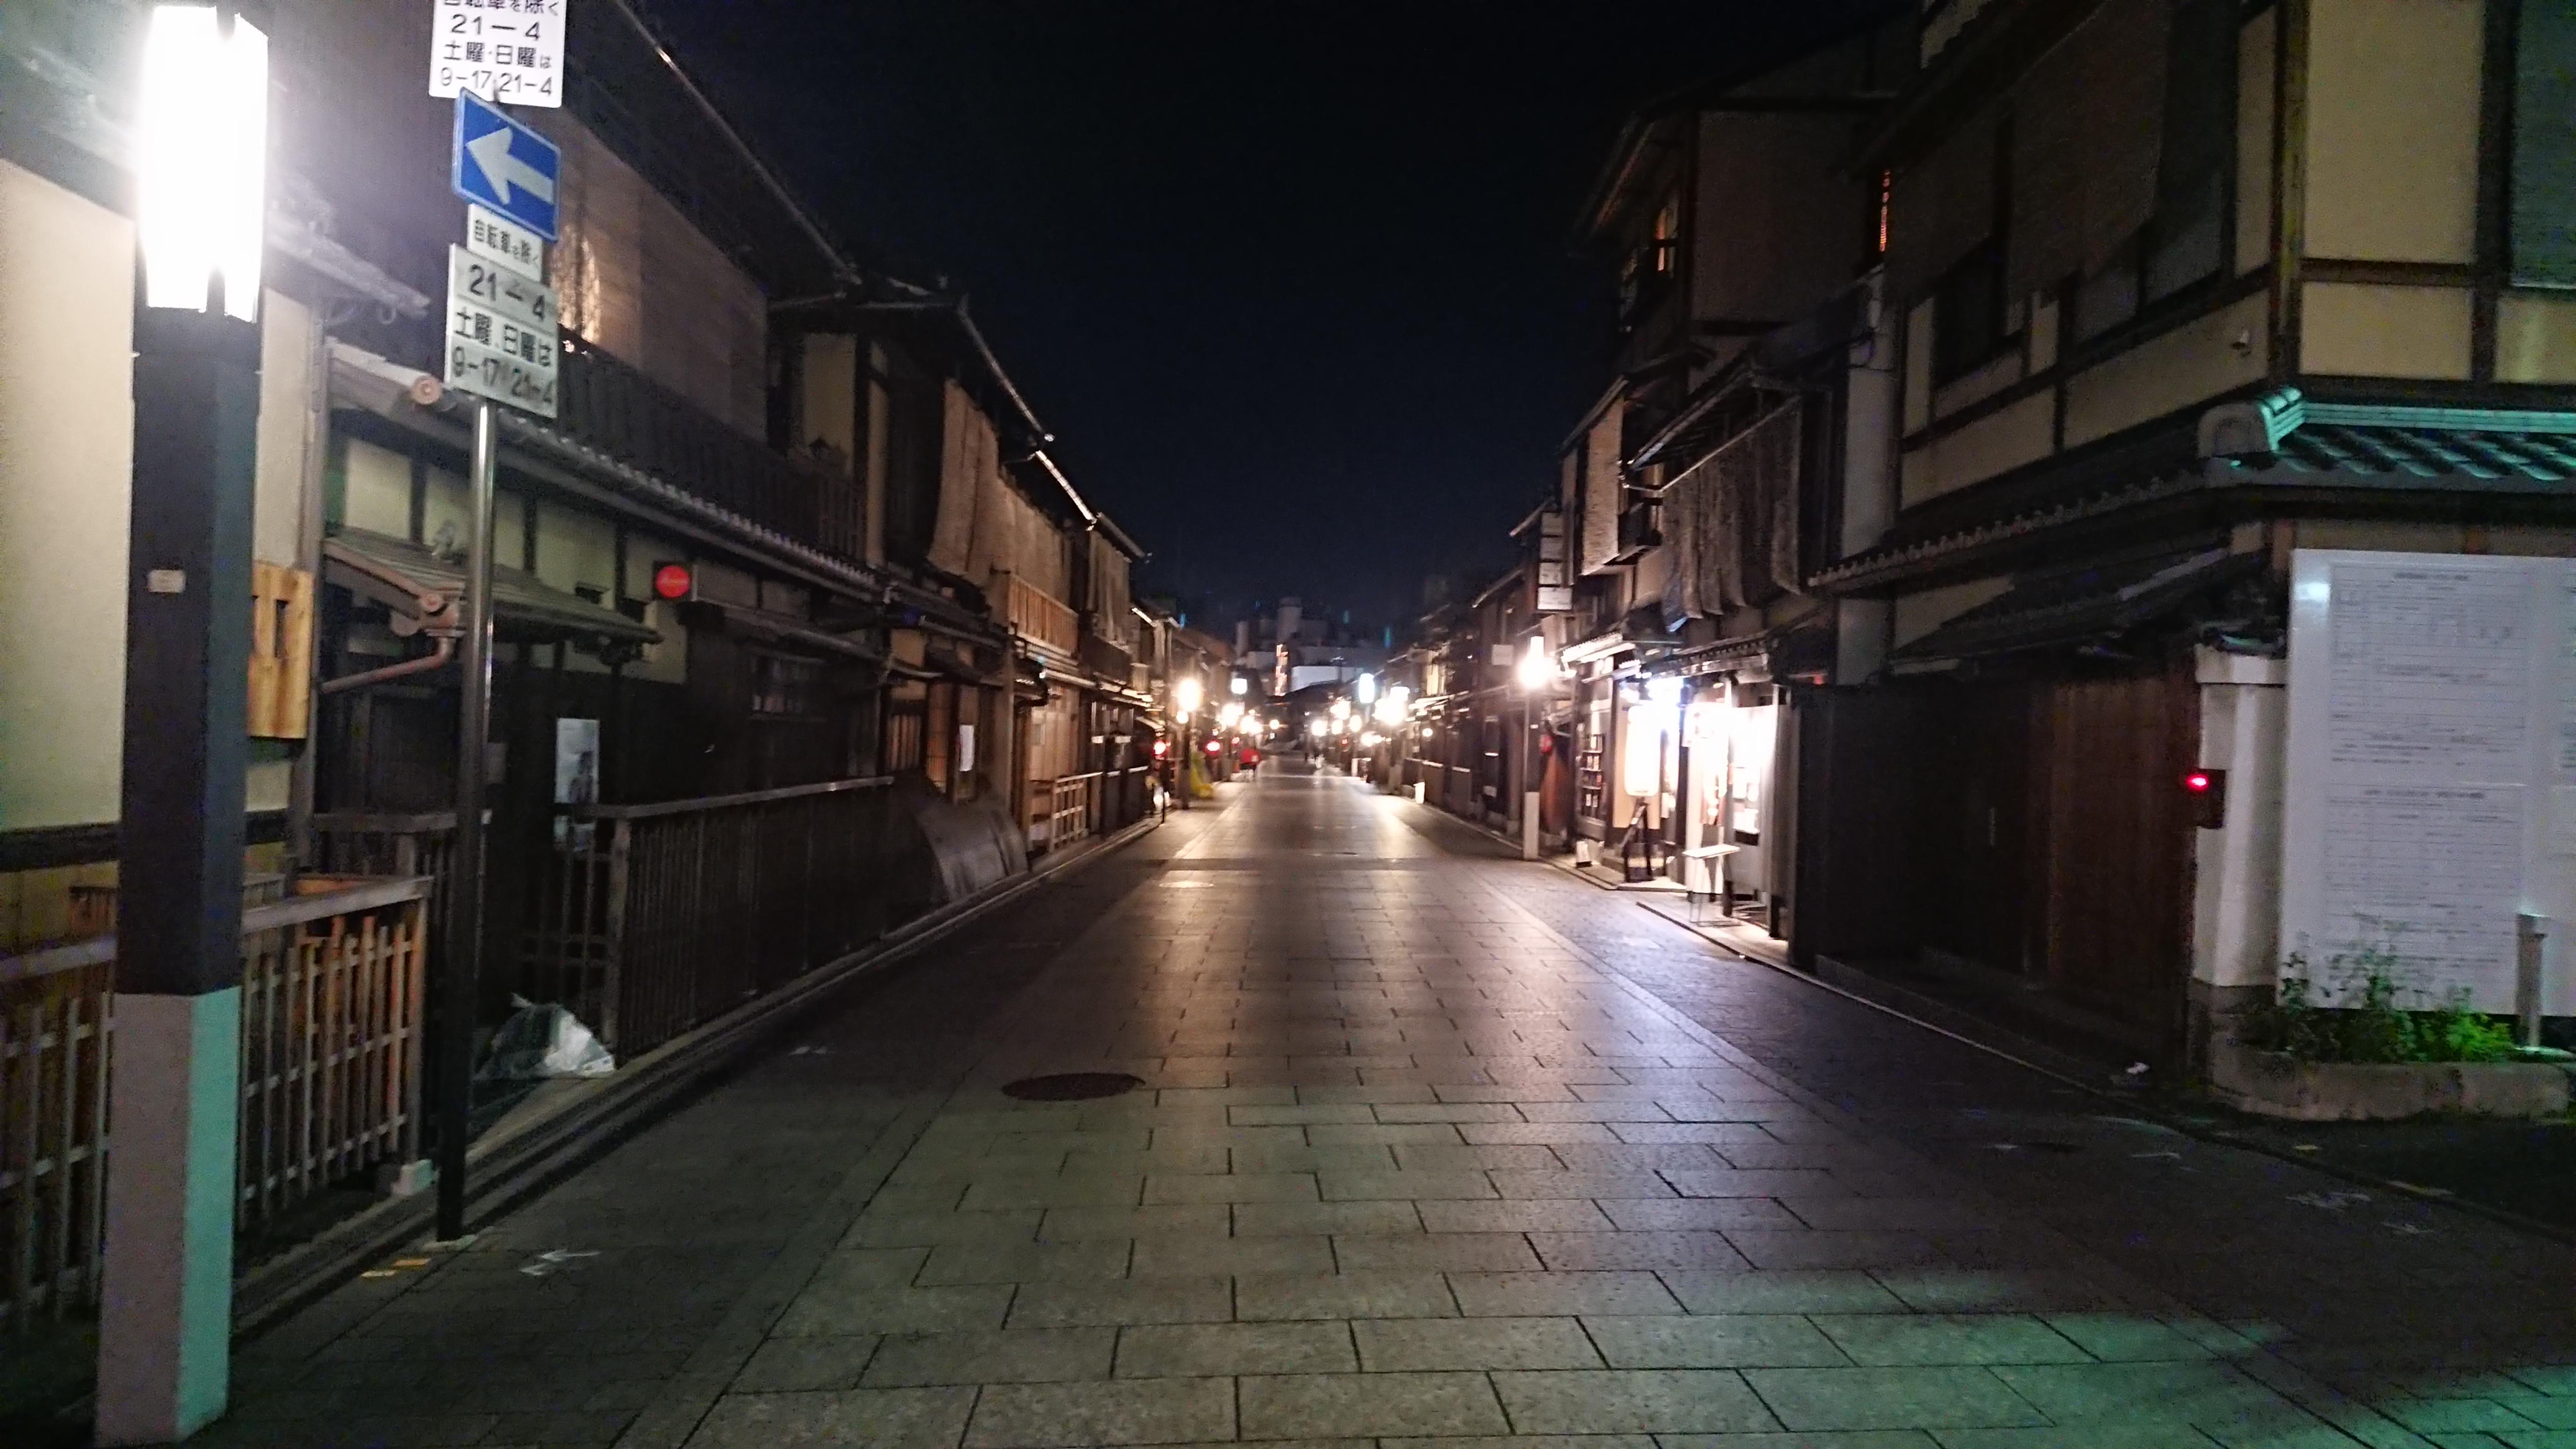 http://www.karyo-kyoto.jp/gion/info/images/DSC_2641.JPG